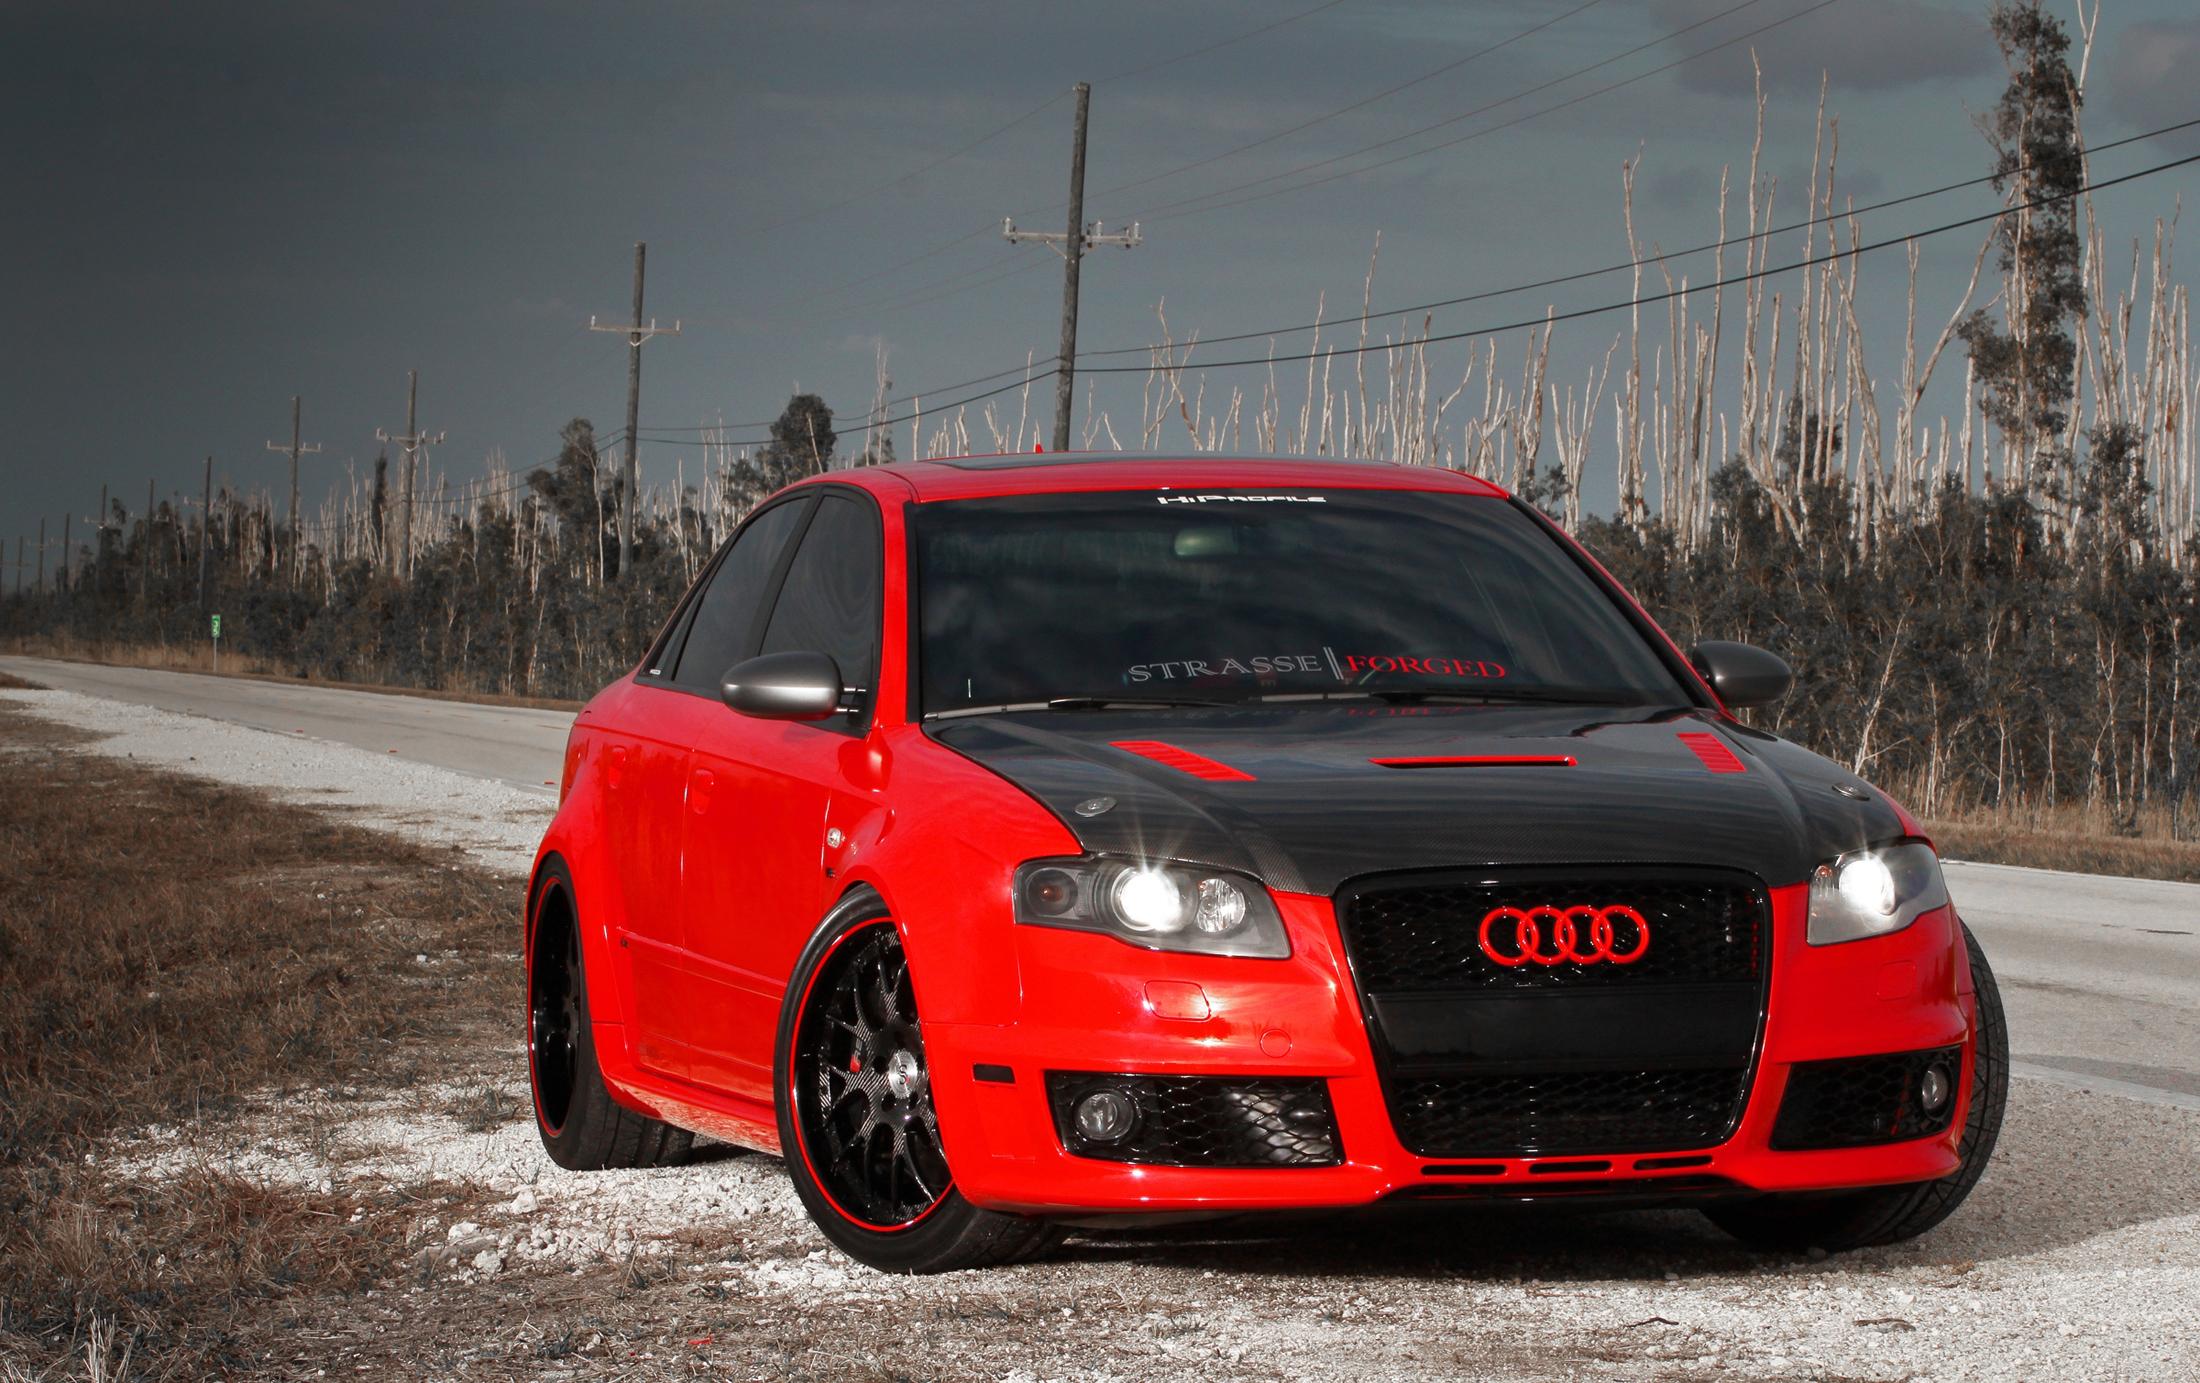 красный черный автомобиль Audi TT red black car  № 2626200 загрузить